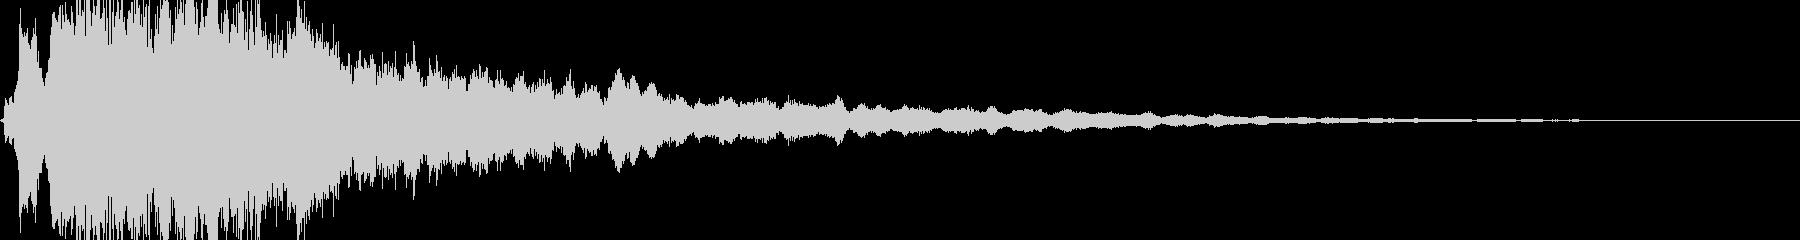 魔法20(回復・光・防御・補助系)の未再生の波形